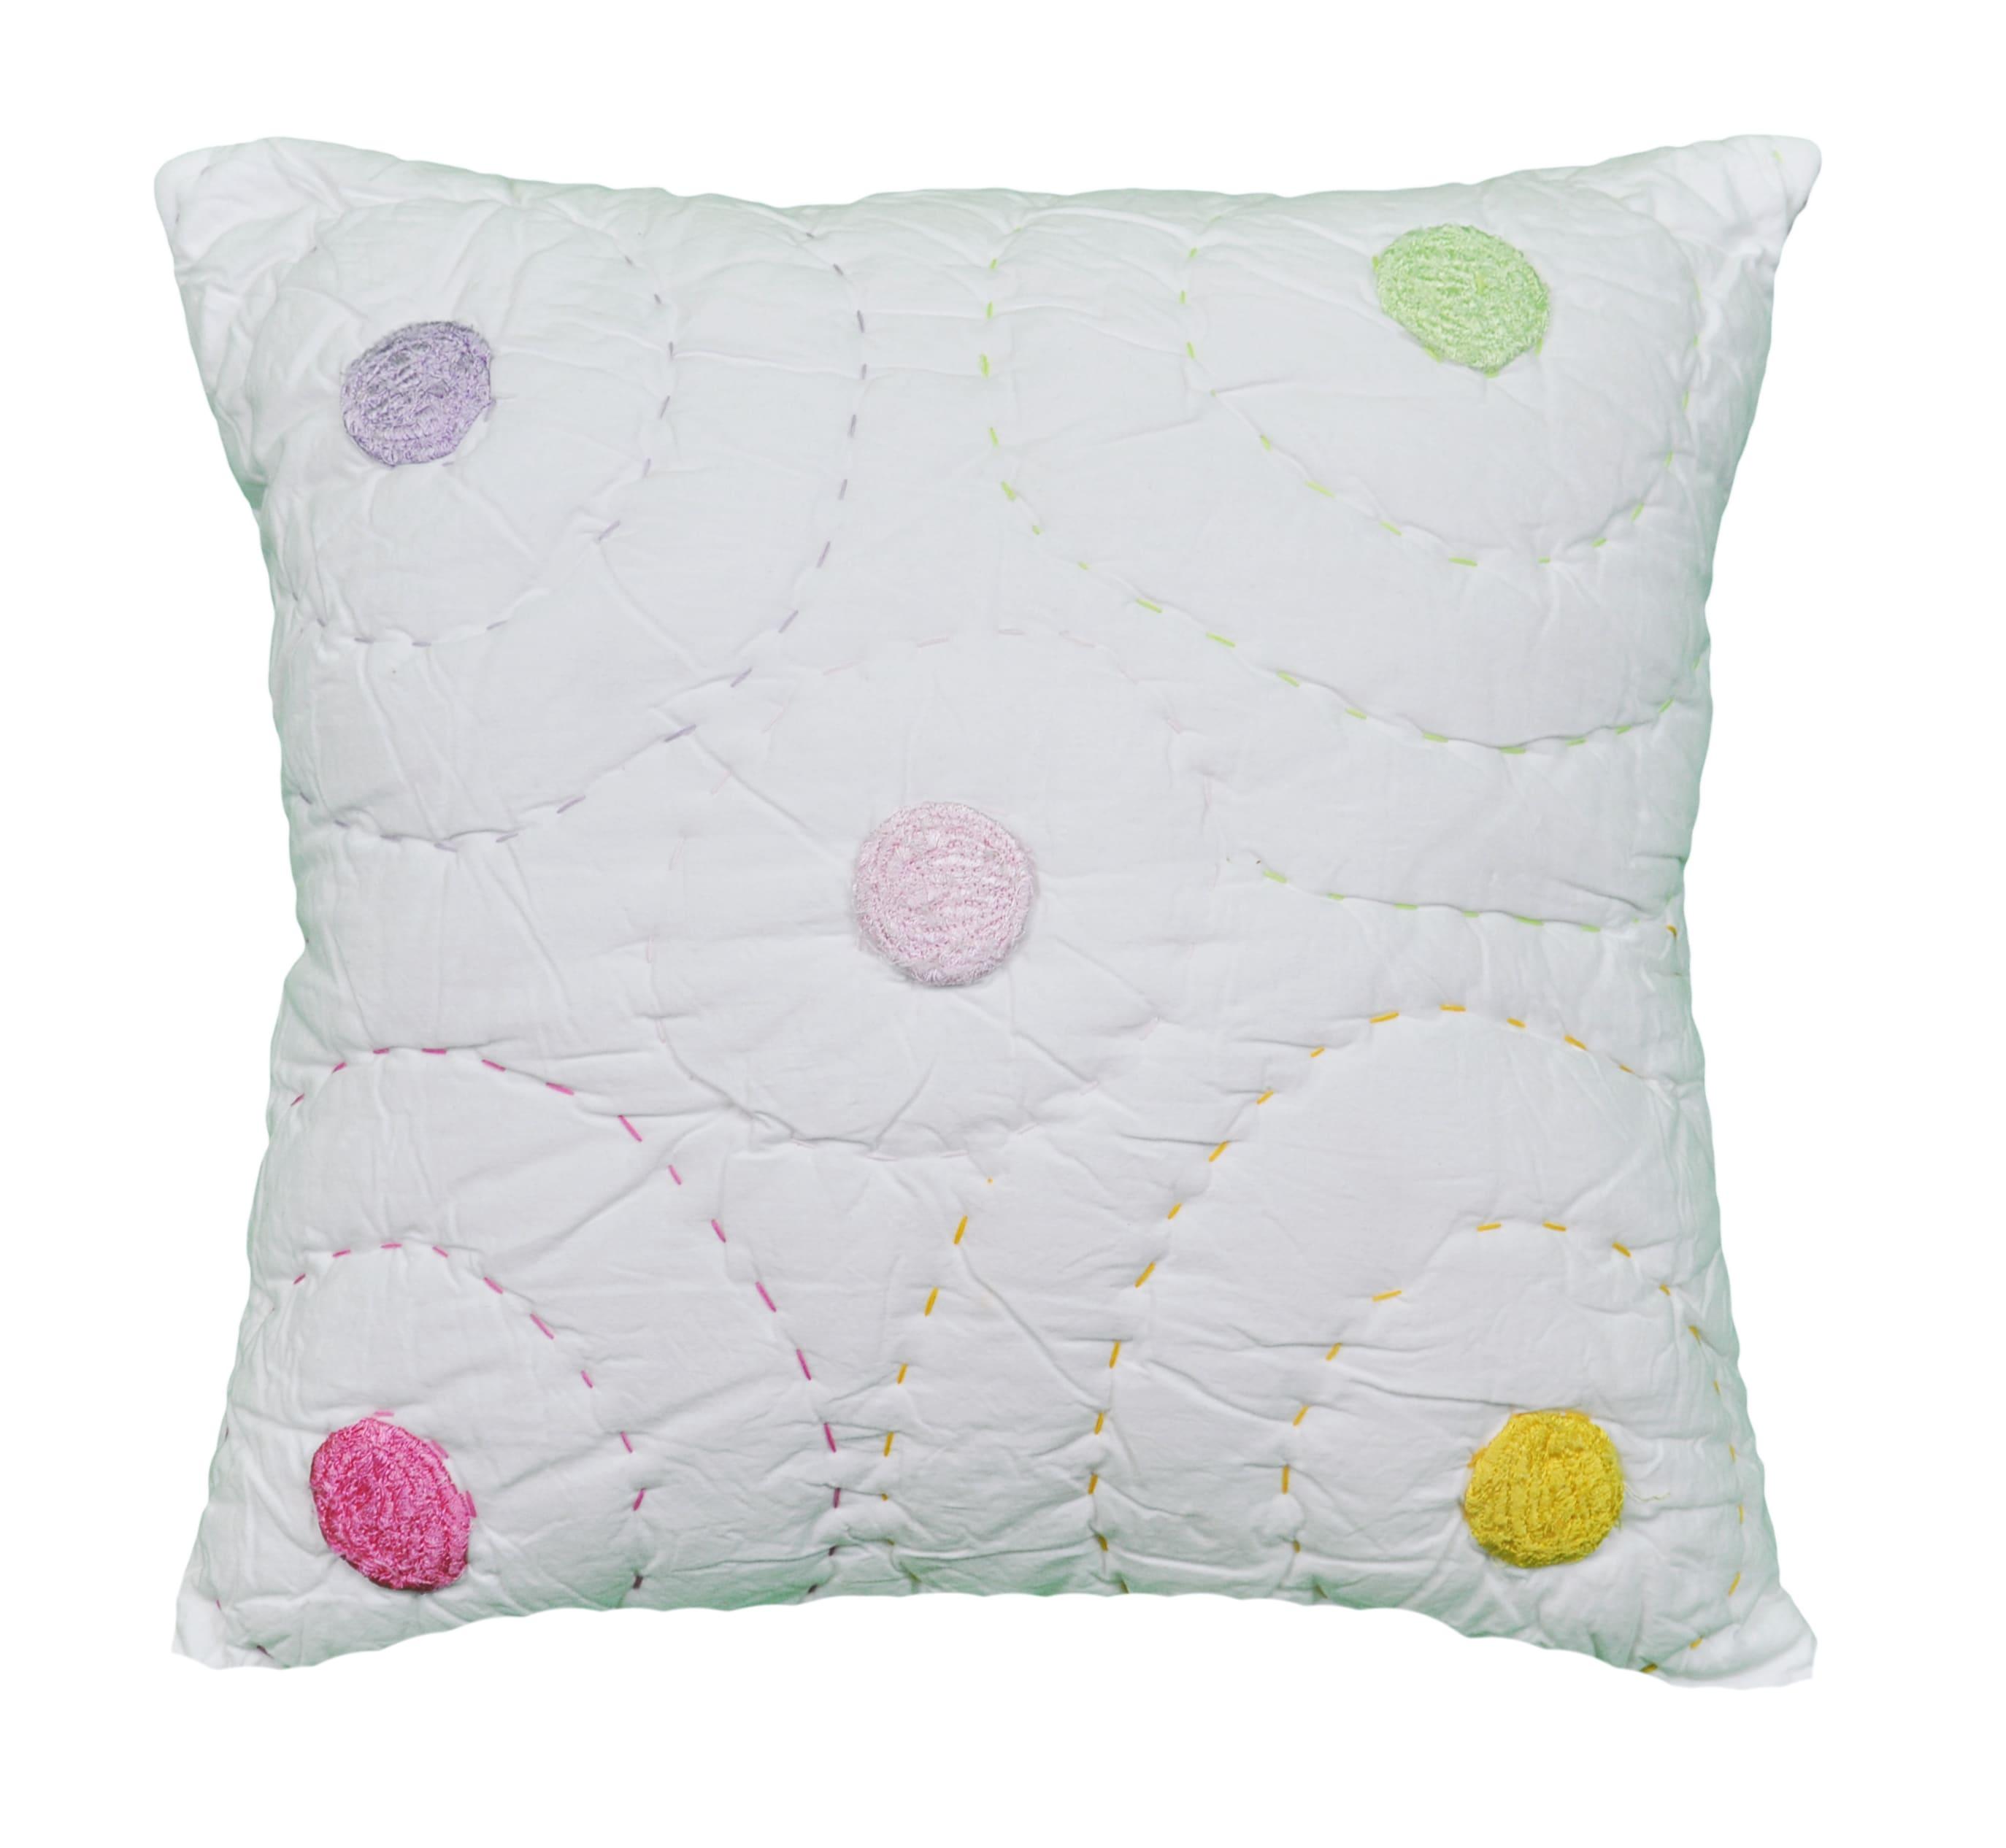 Cottage Home Laila Dot Reversible Decorative Pillow